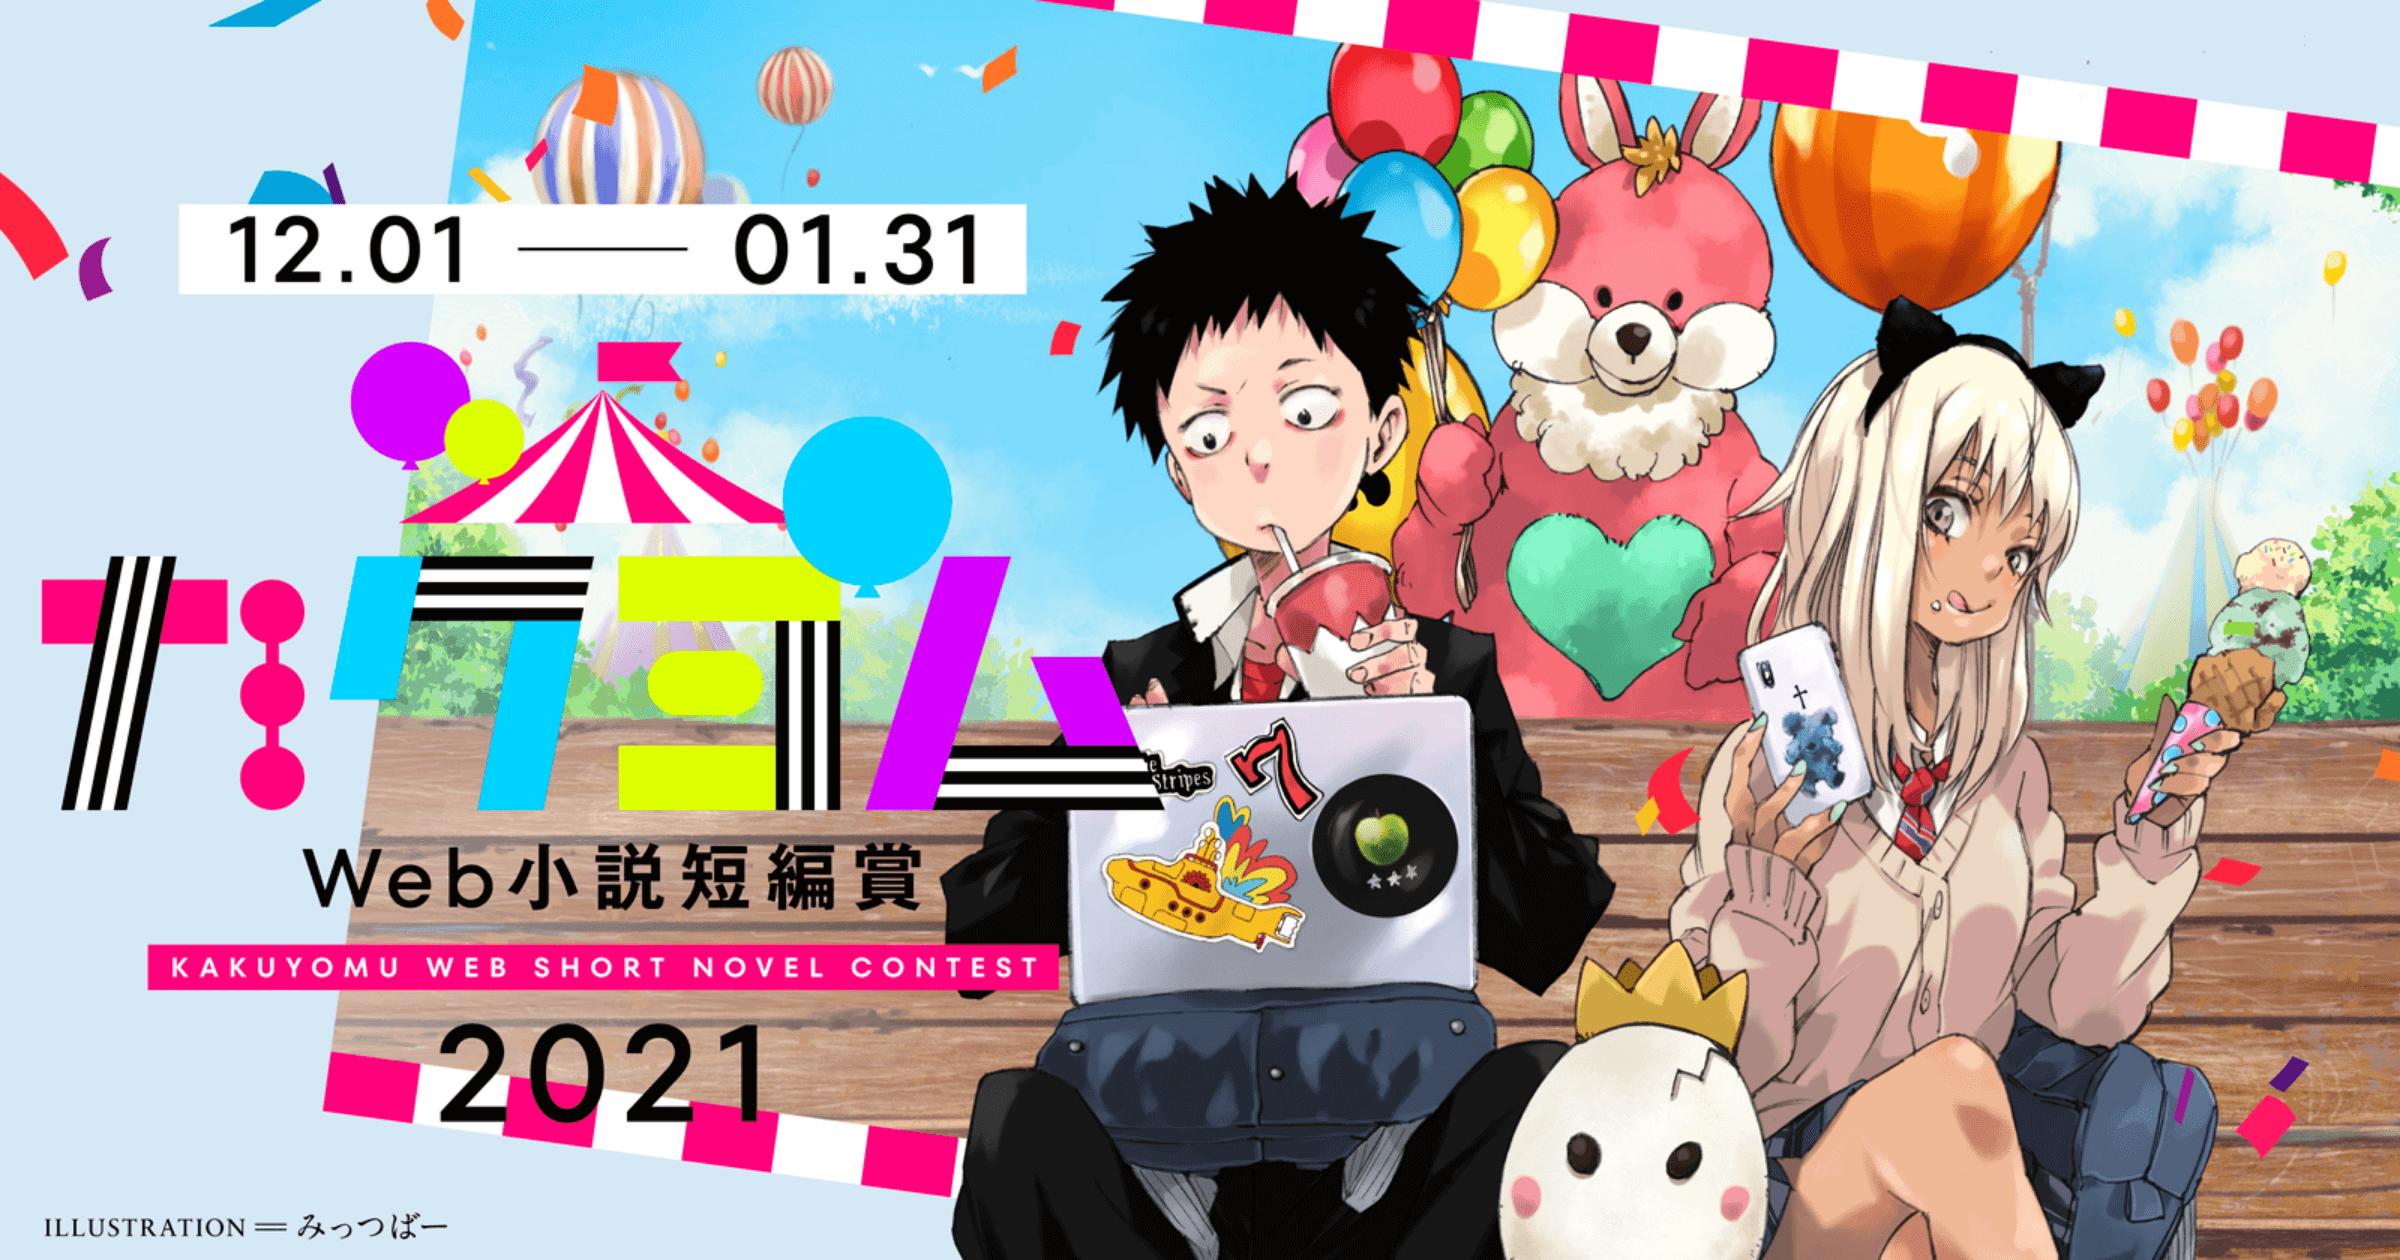 12.01 - 01.31 カクヨム Web小説短編賞 KAKUYOMU WEB SHORT NOVEL CONTEST 2021